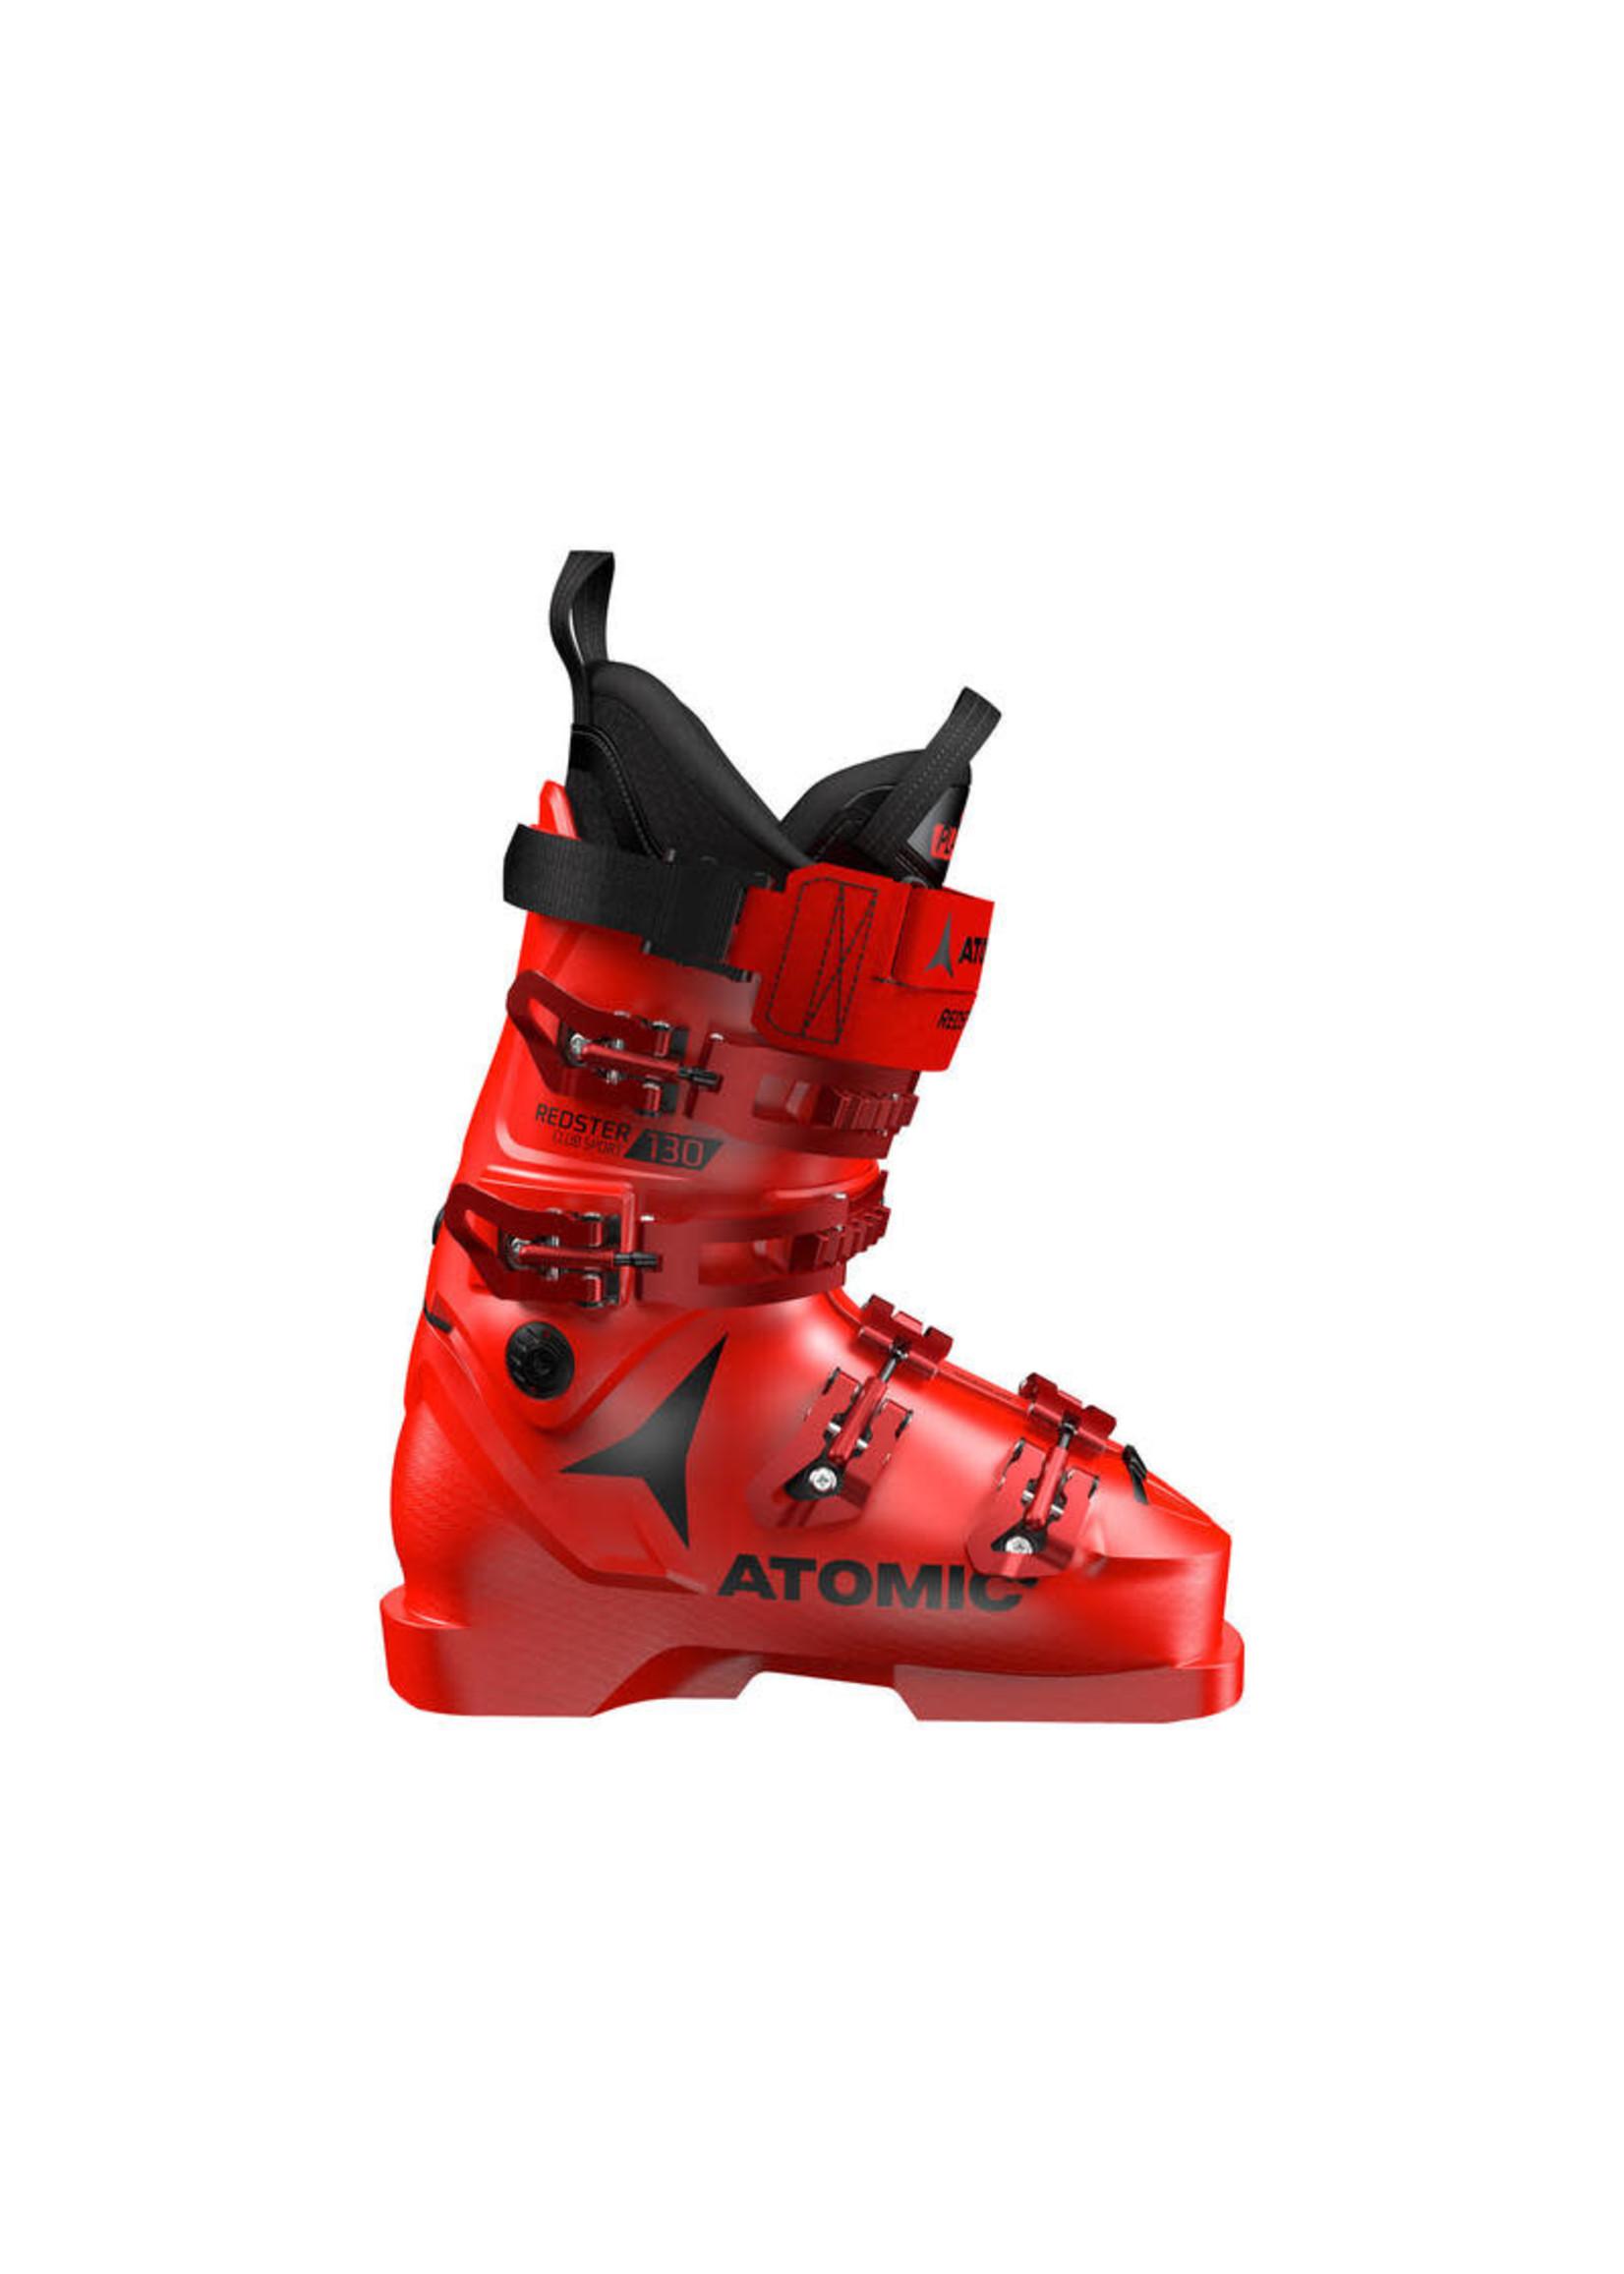 Atomic Red CS 130